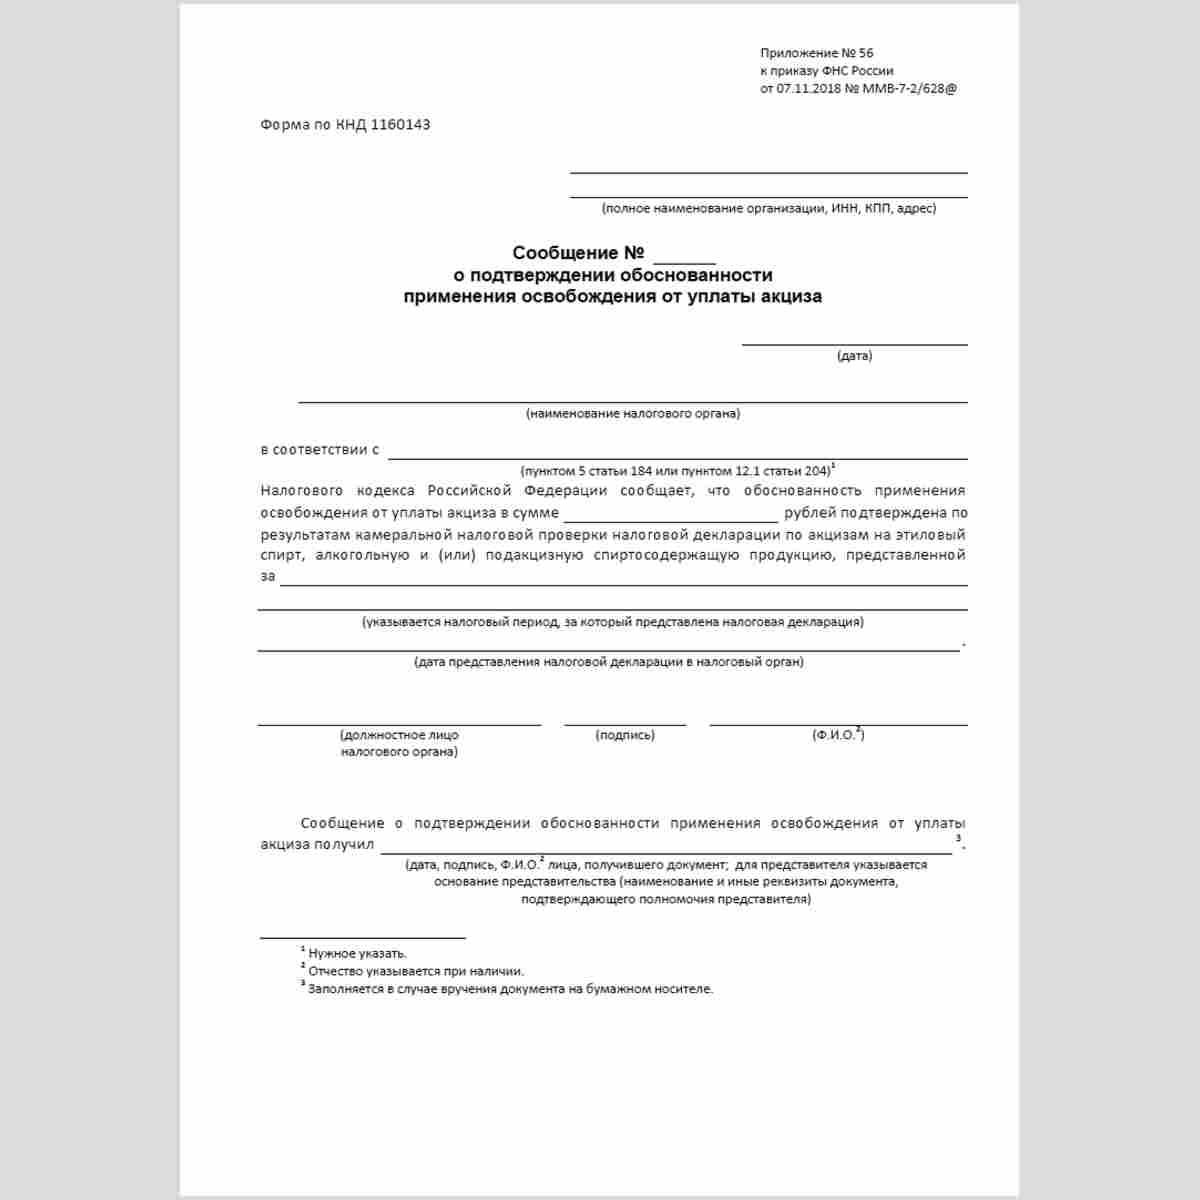 """Форма КНД 1160143 """"Сообщение о подтверждении обоснованности применения освобождения от уплаты акциза"""""""